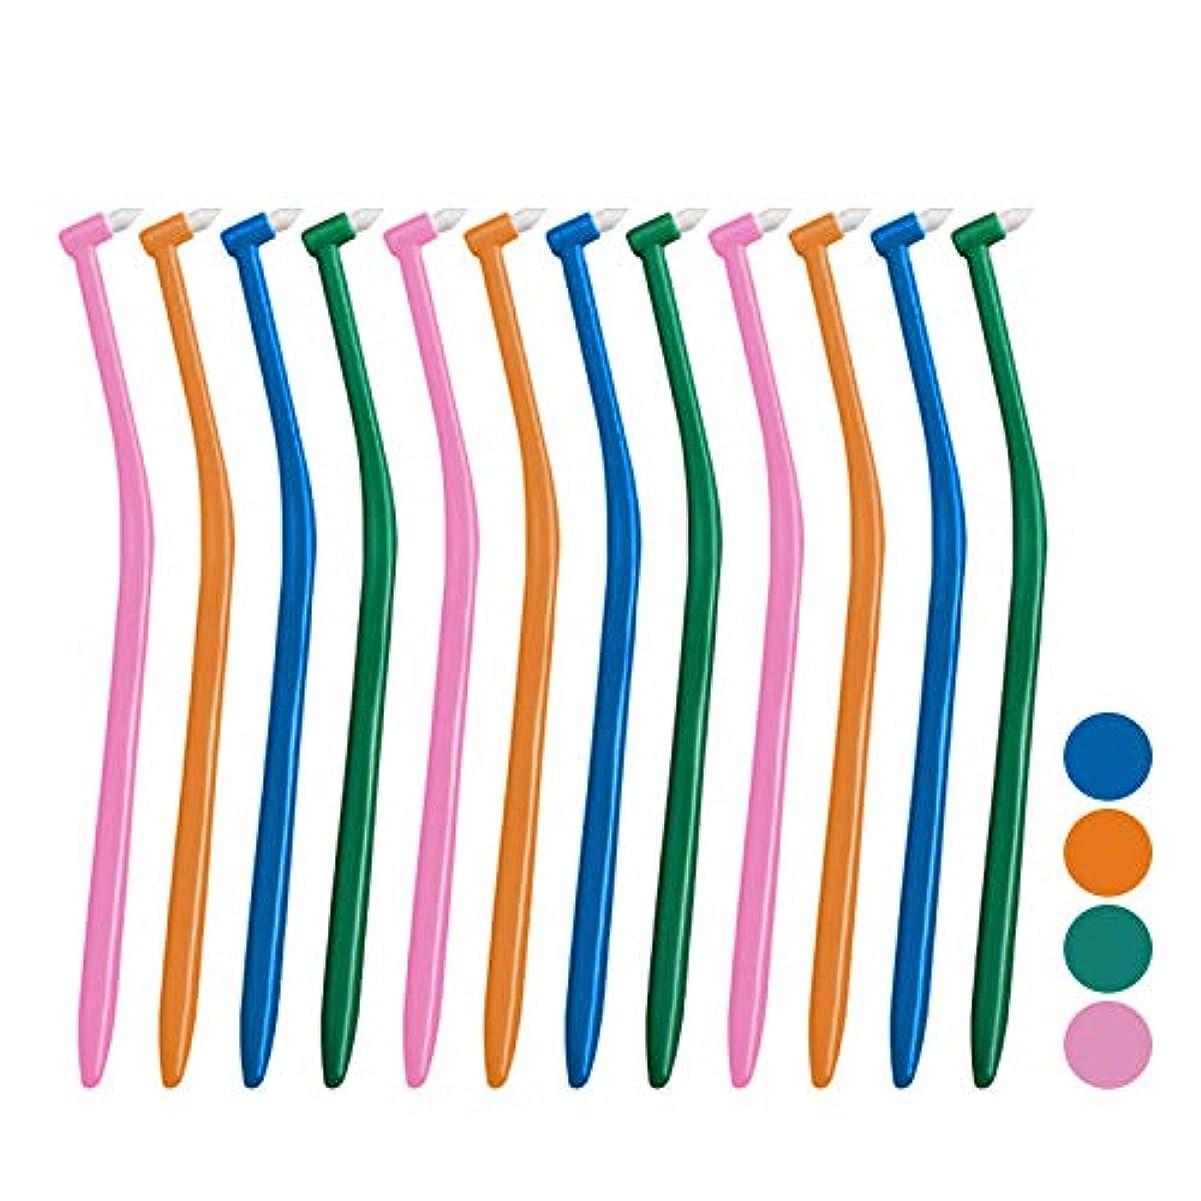 ペストリーラジウム野なサムフレンド p(ピー) シリーズ ピー アリーボ (ワンタフト) × 12本セット (ソフト)